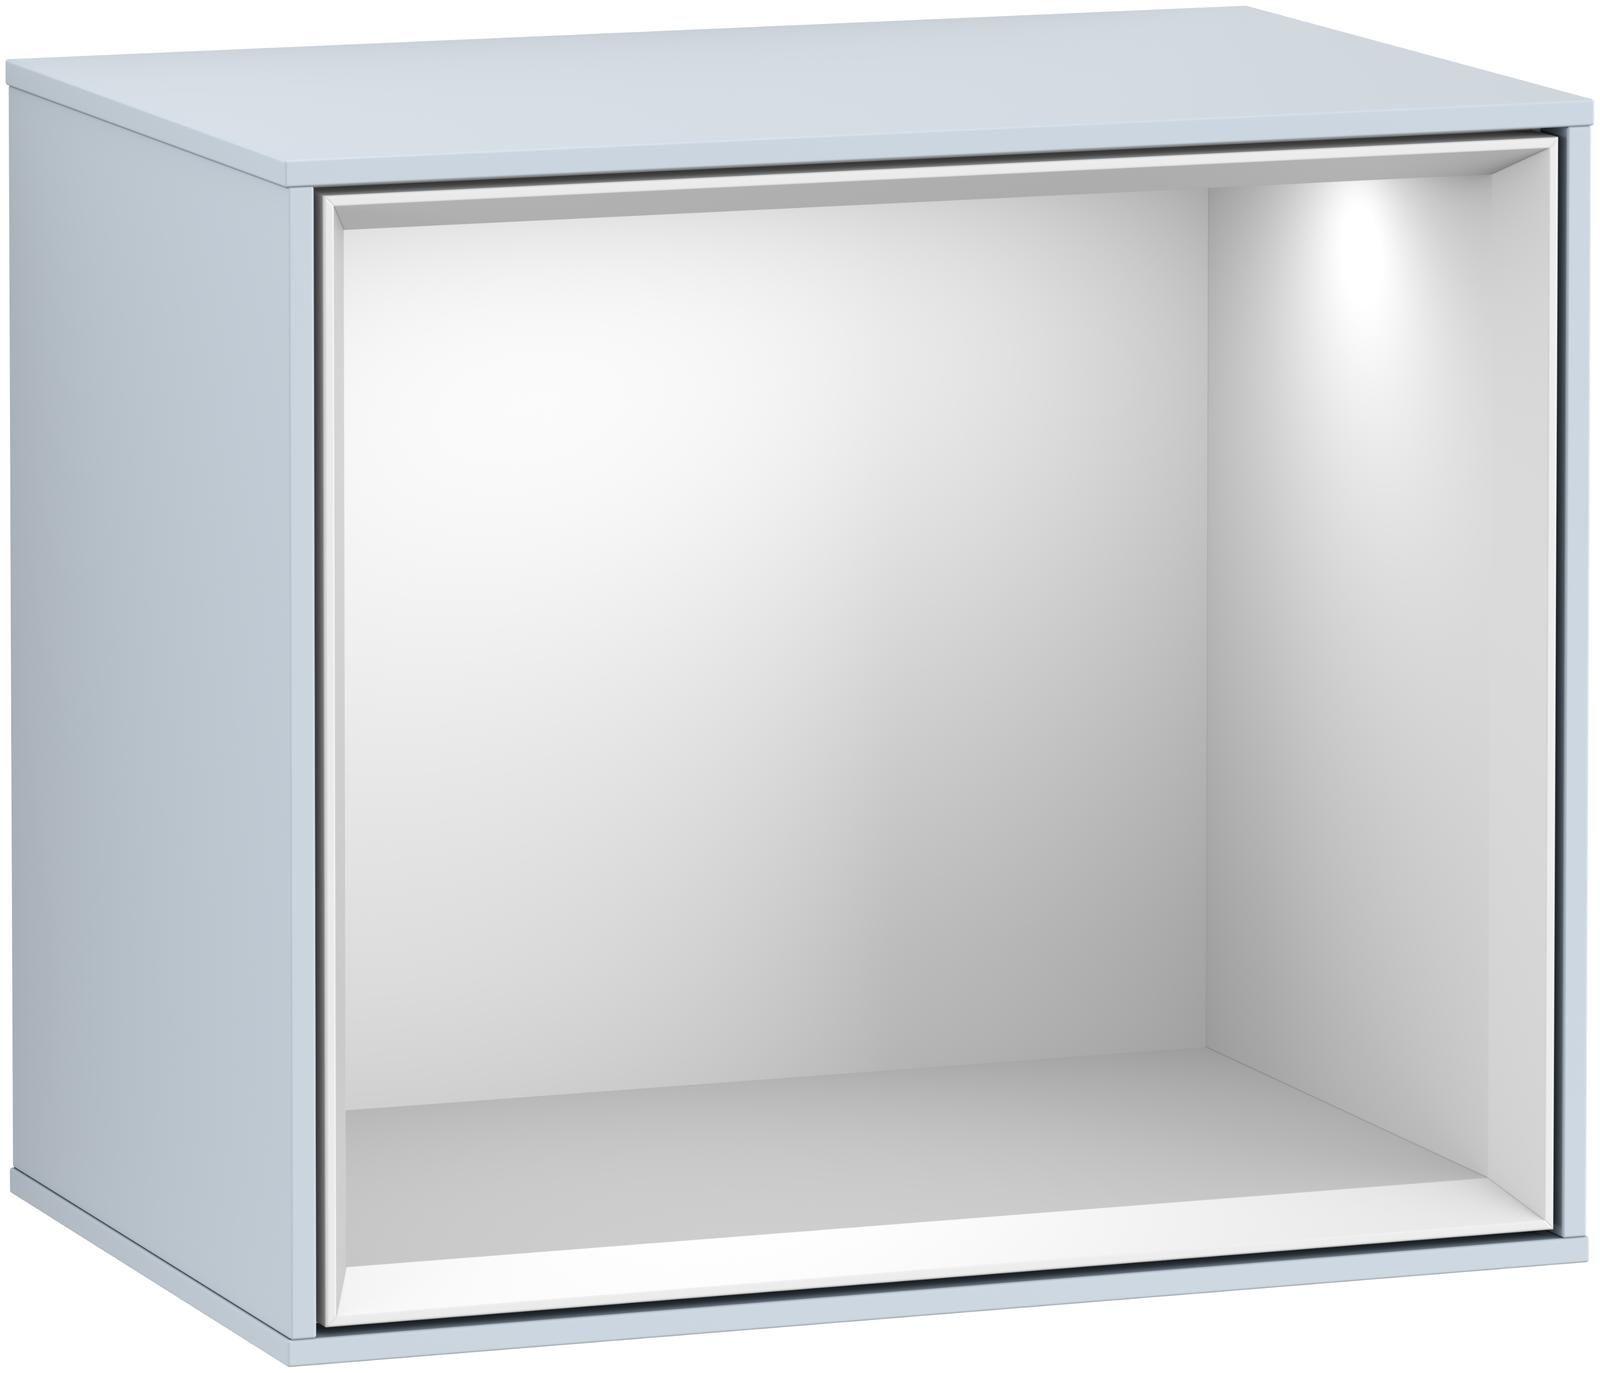 Villeroy & Boch Finion F59 Regalmodul LED-Beleuchtung B:41,8xH:35,6xT:27cm Front, Korpus: Cloud, Regal: Weiß Matt Soft Grey F590MTHA